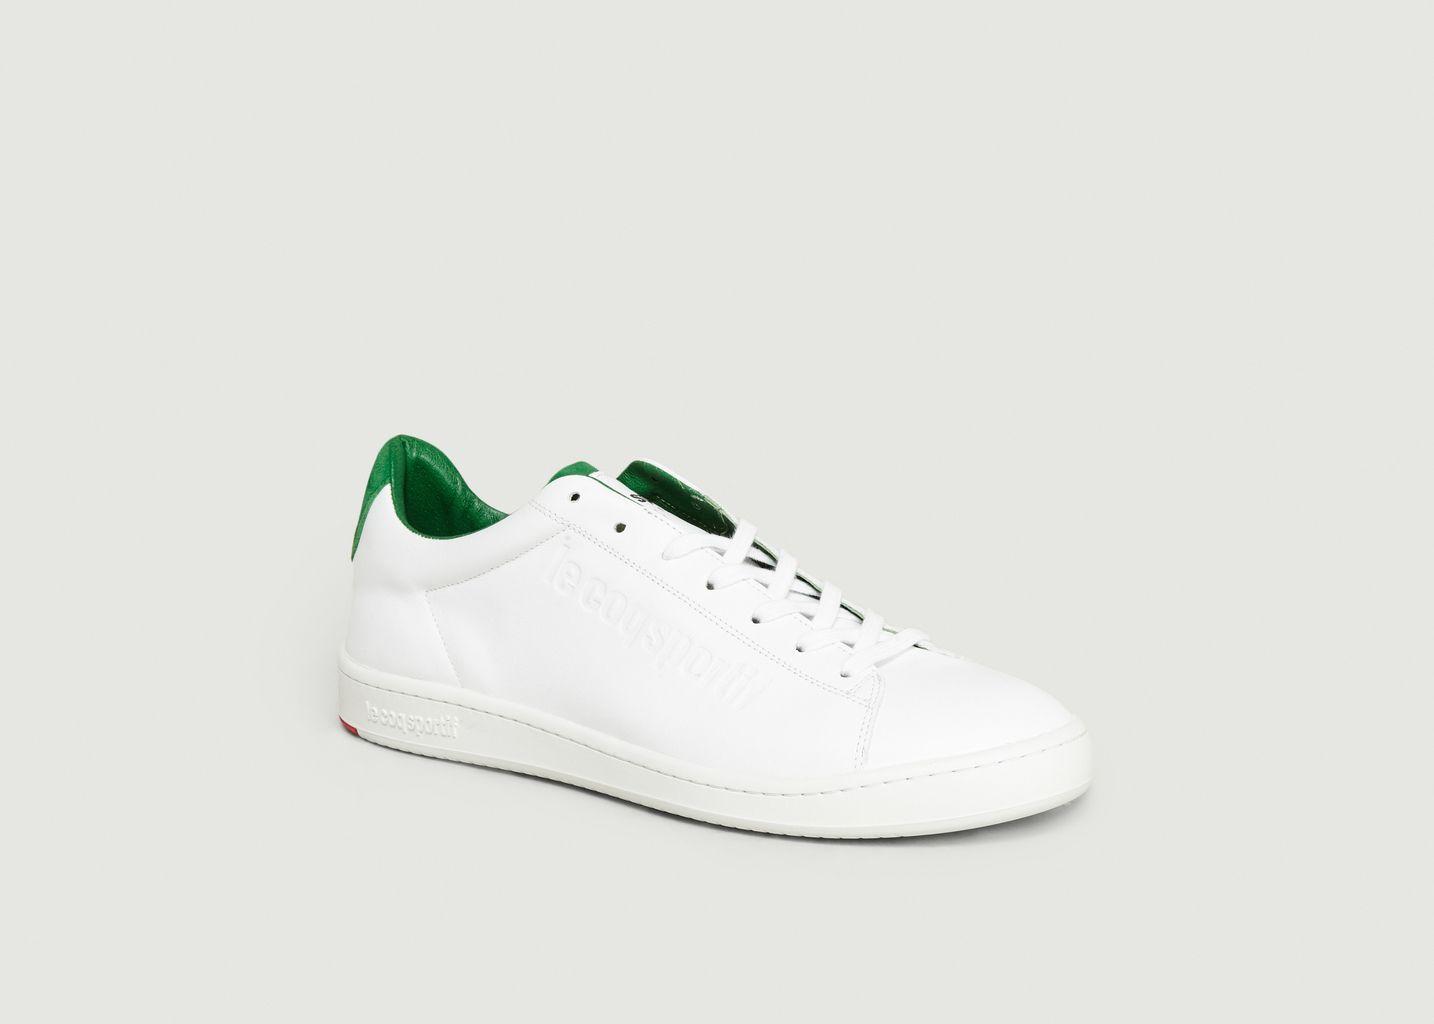 Blazon Green Trainers White Le Coq